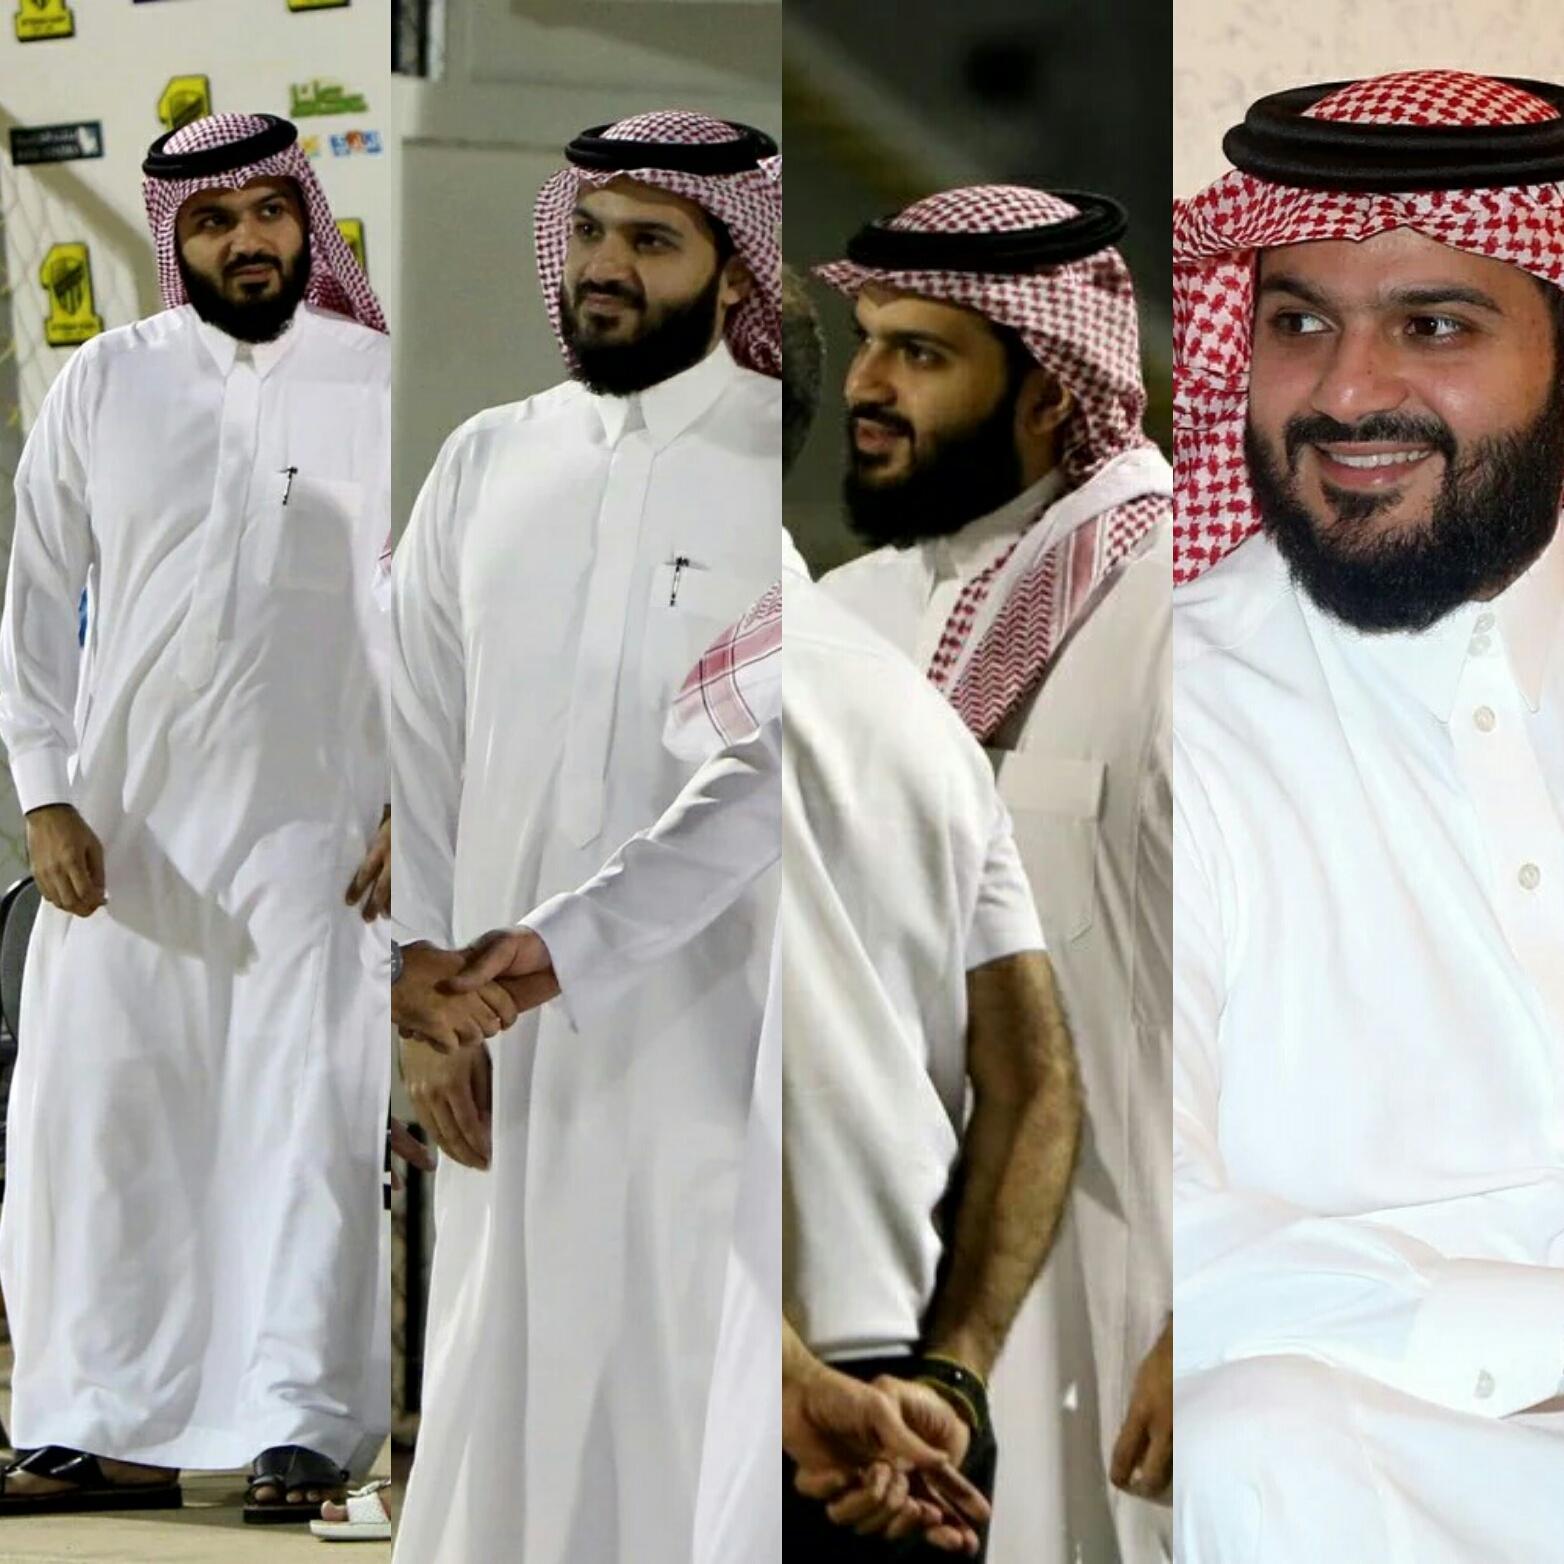 رئيس الاتحاد الجديد انمار الحائلي